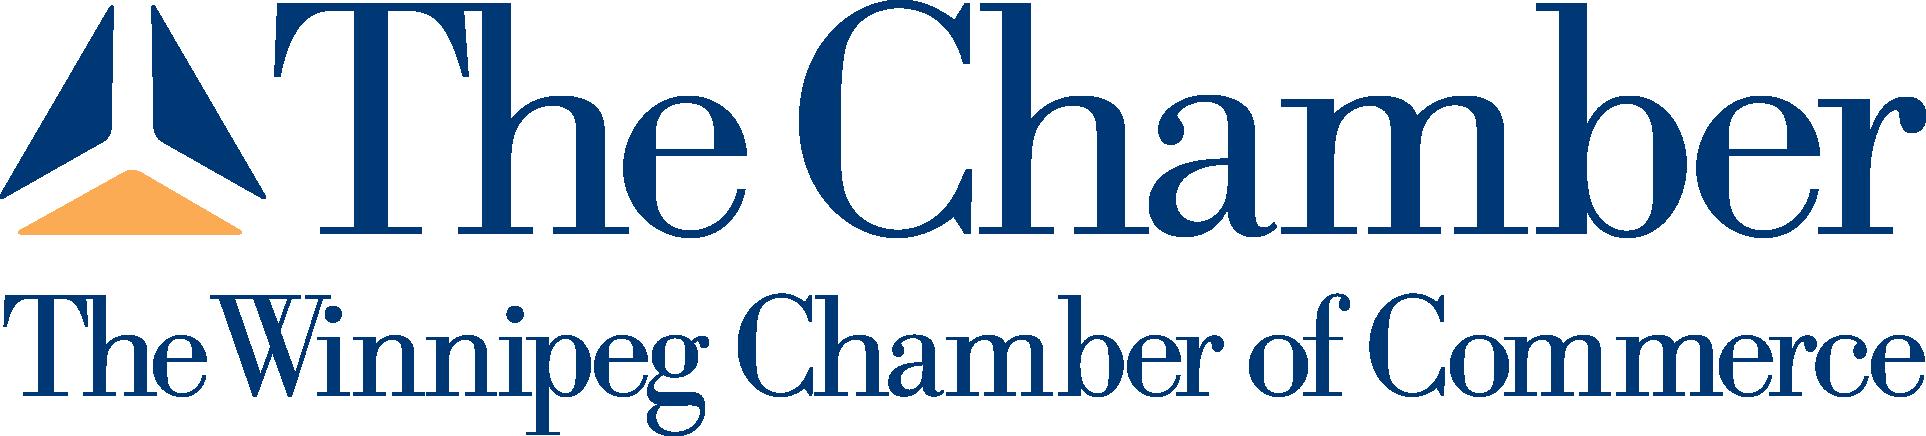 Winnipeg Chamber of Commerce logo